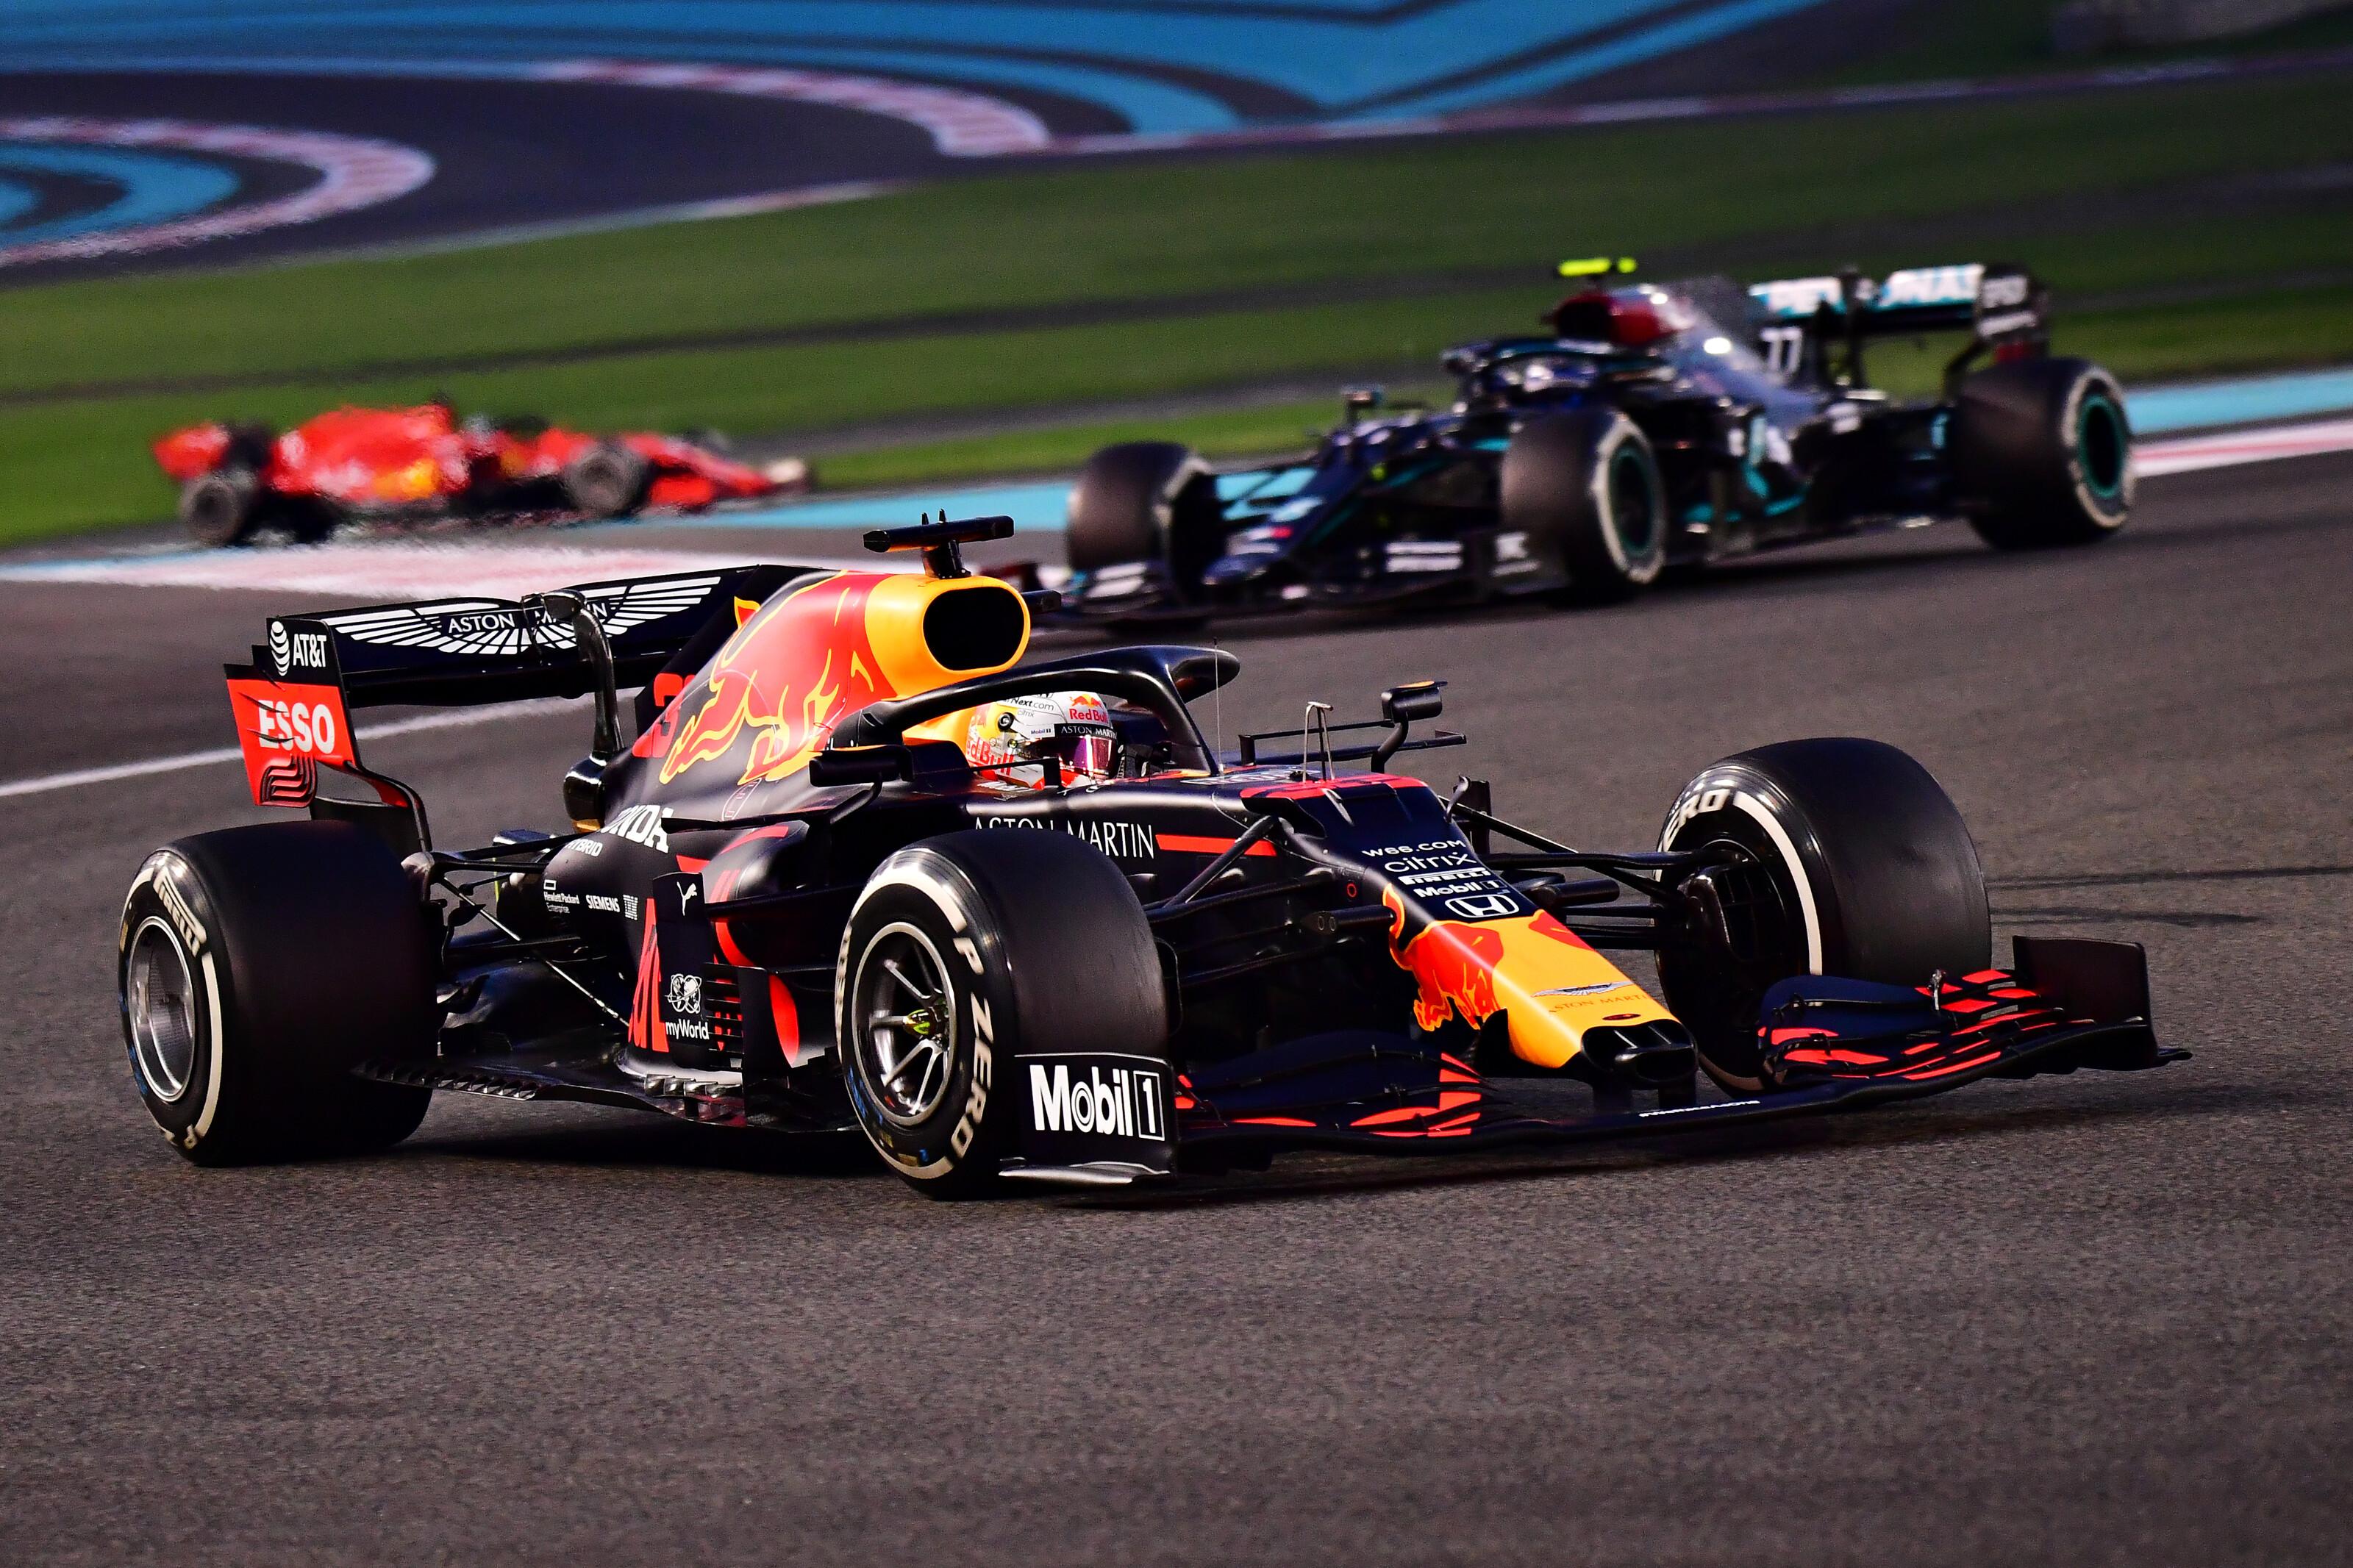 Újabb F1-es pálya vonalvezetésén változtatnak